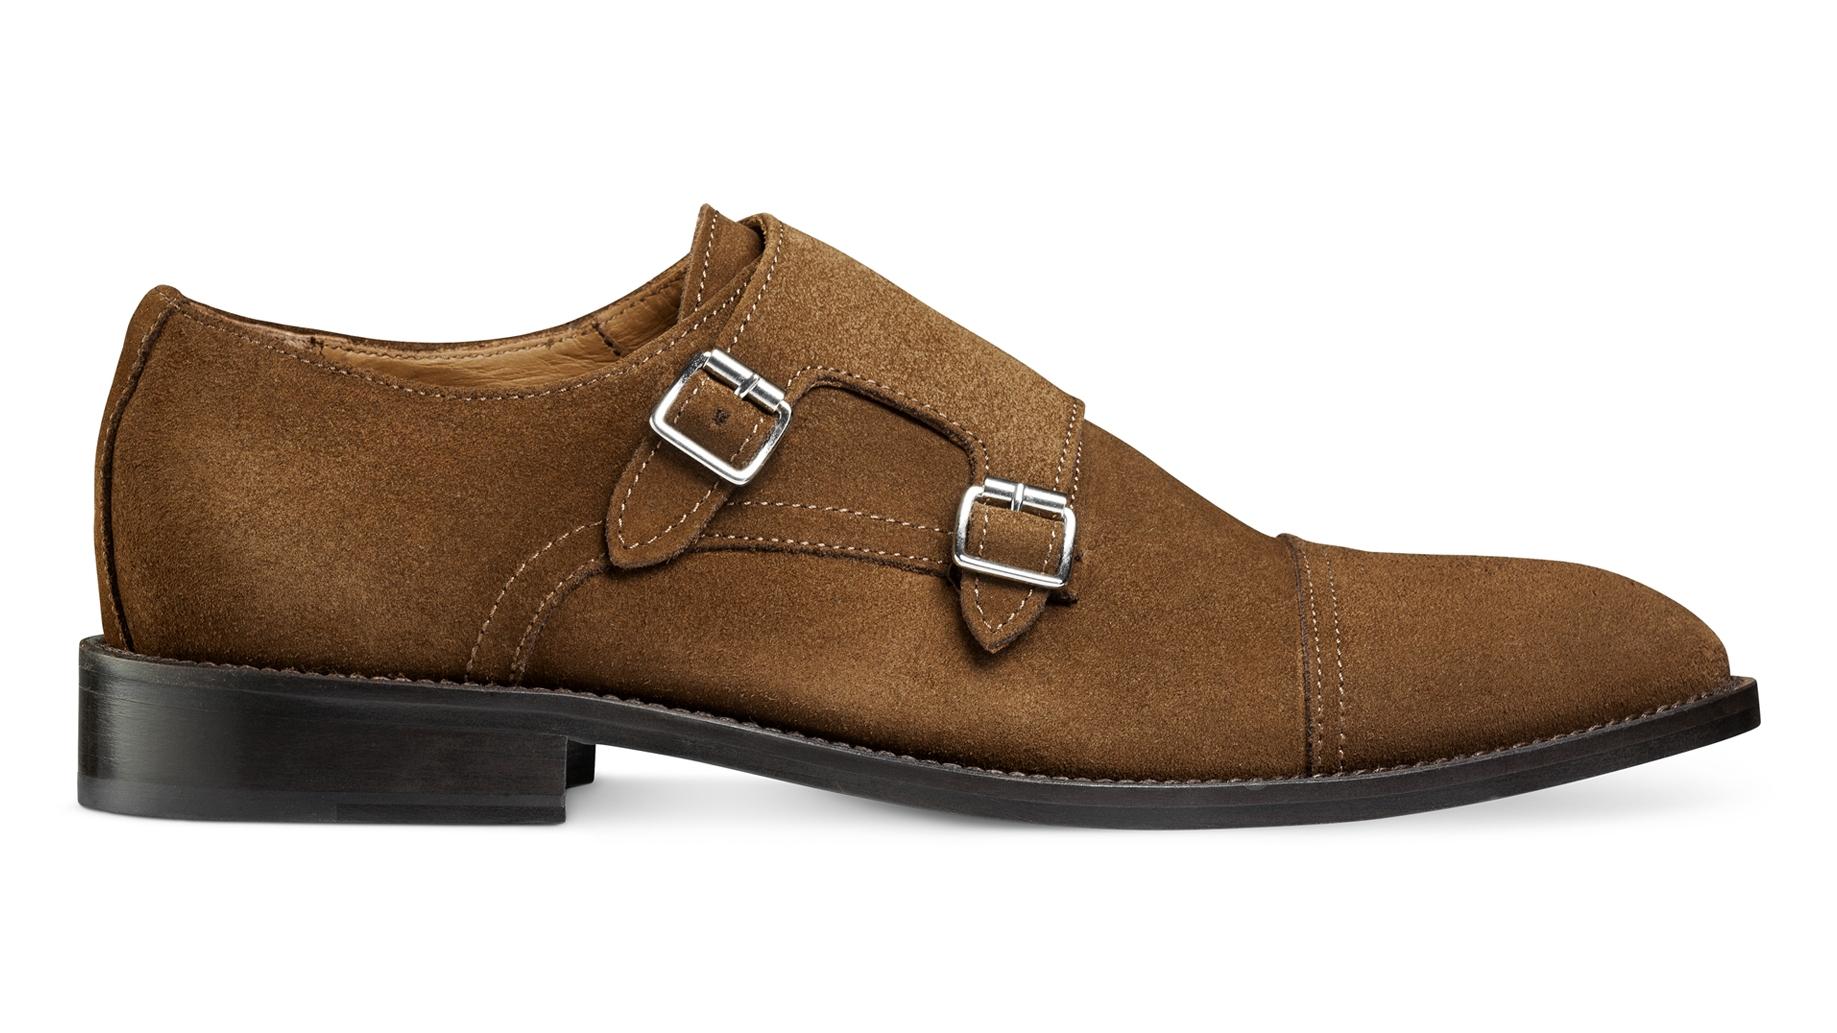 Monk Shoes Brązowe Zamsz